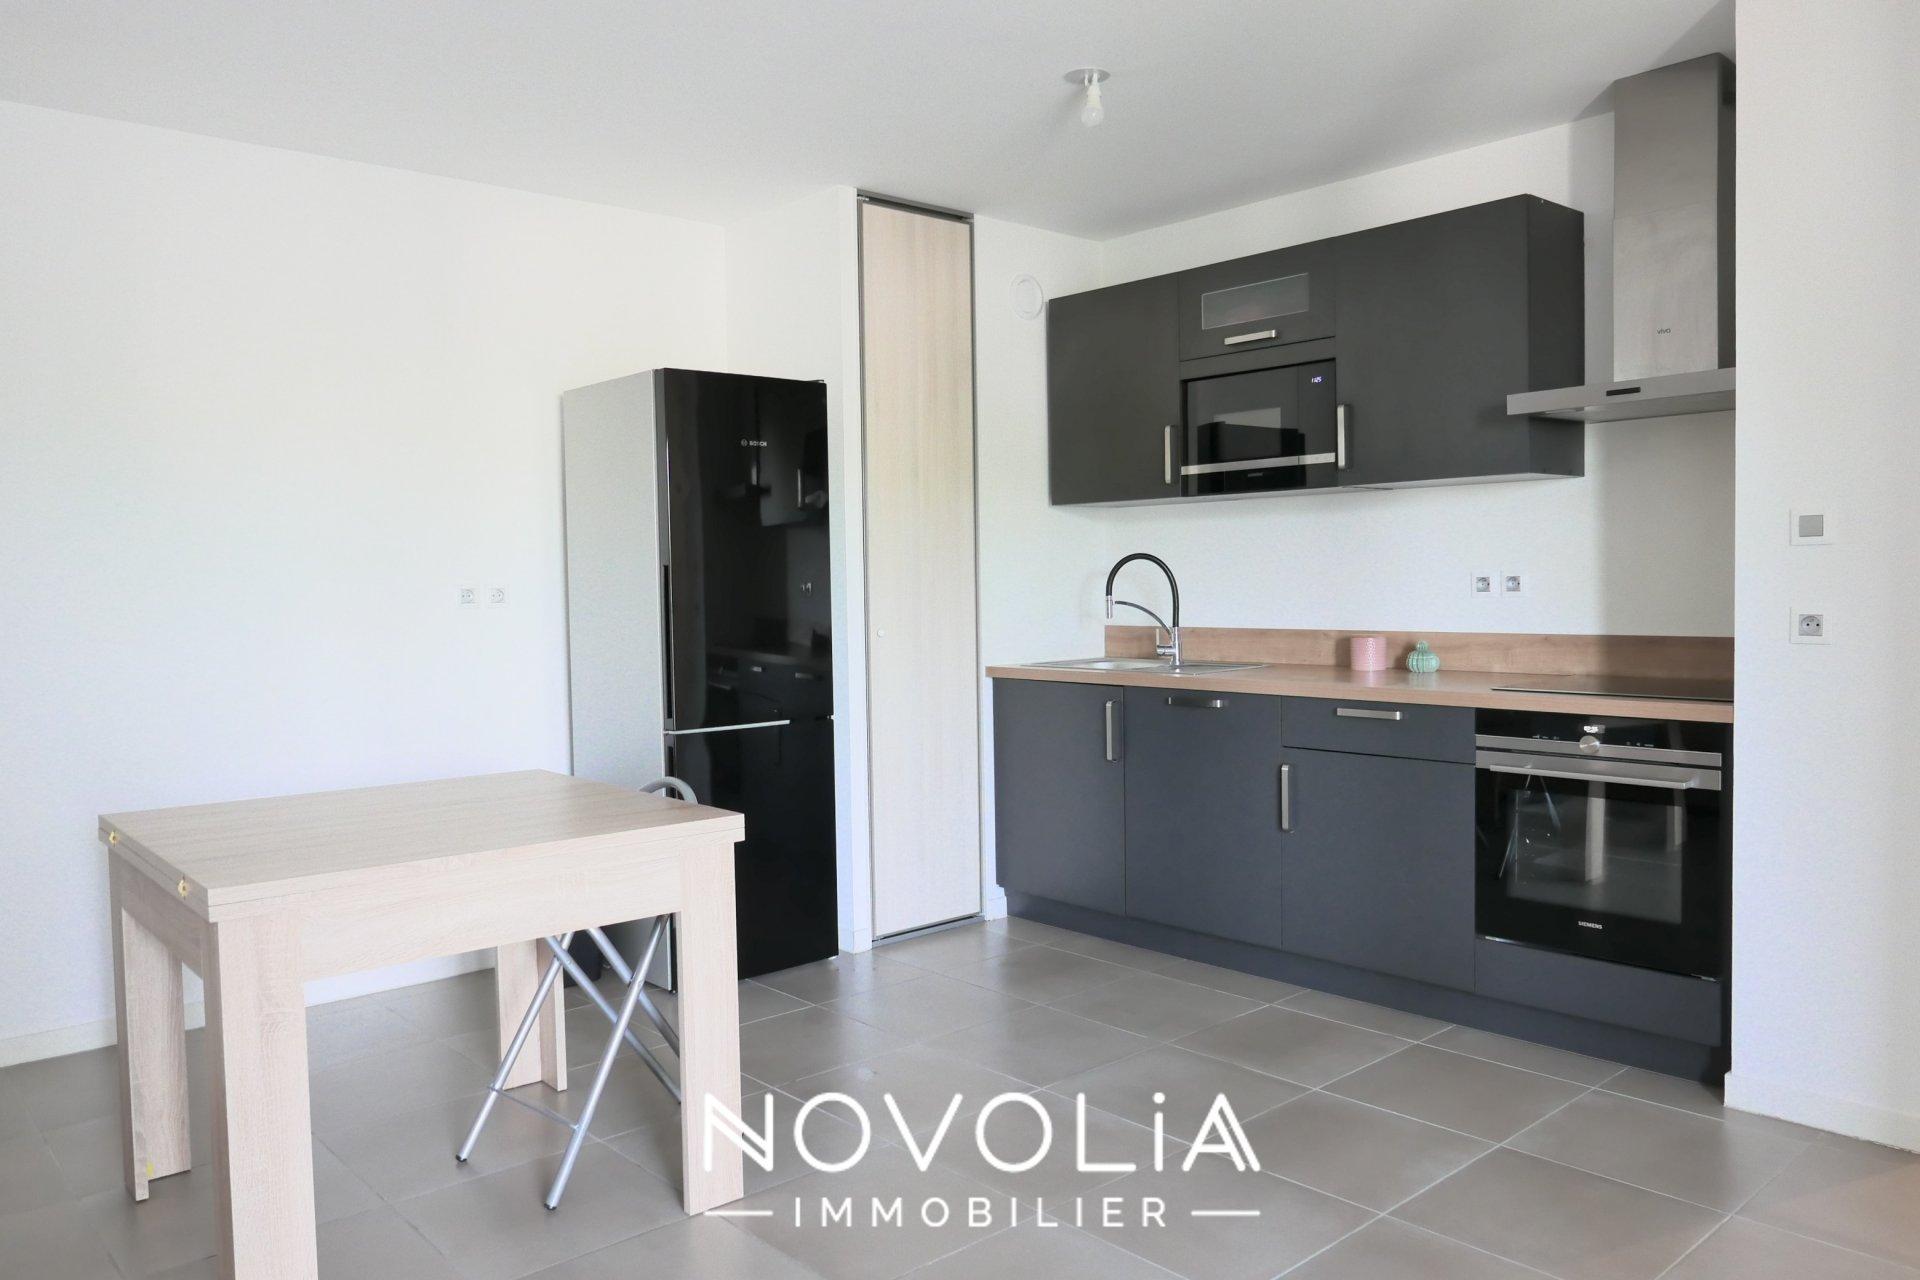 Achat Appartement Surface de 43 m²/ Total carrez : 42.97 m², 2 pièces, Vénissieux (69200)